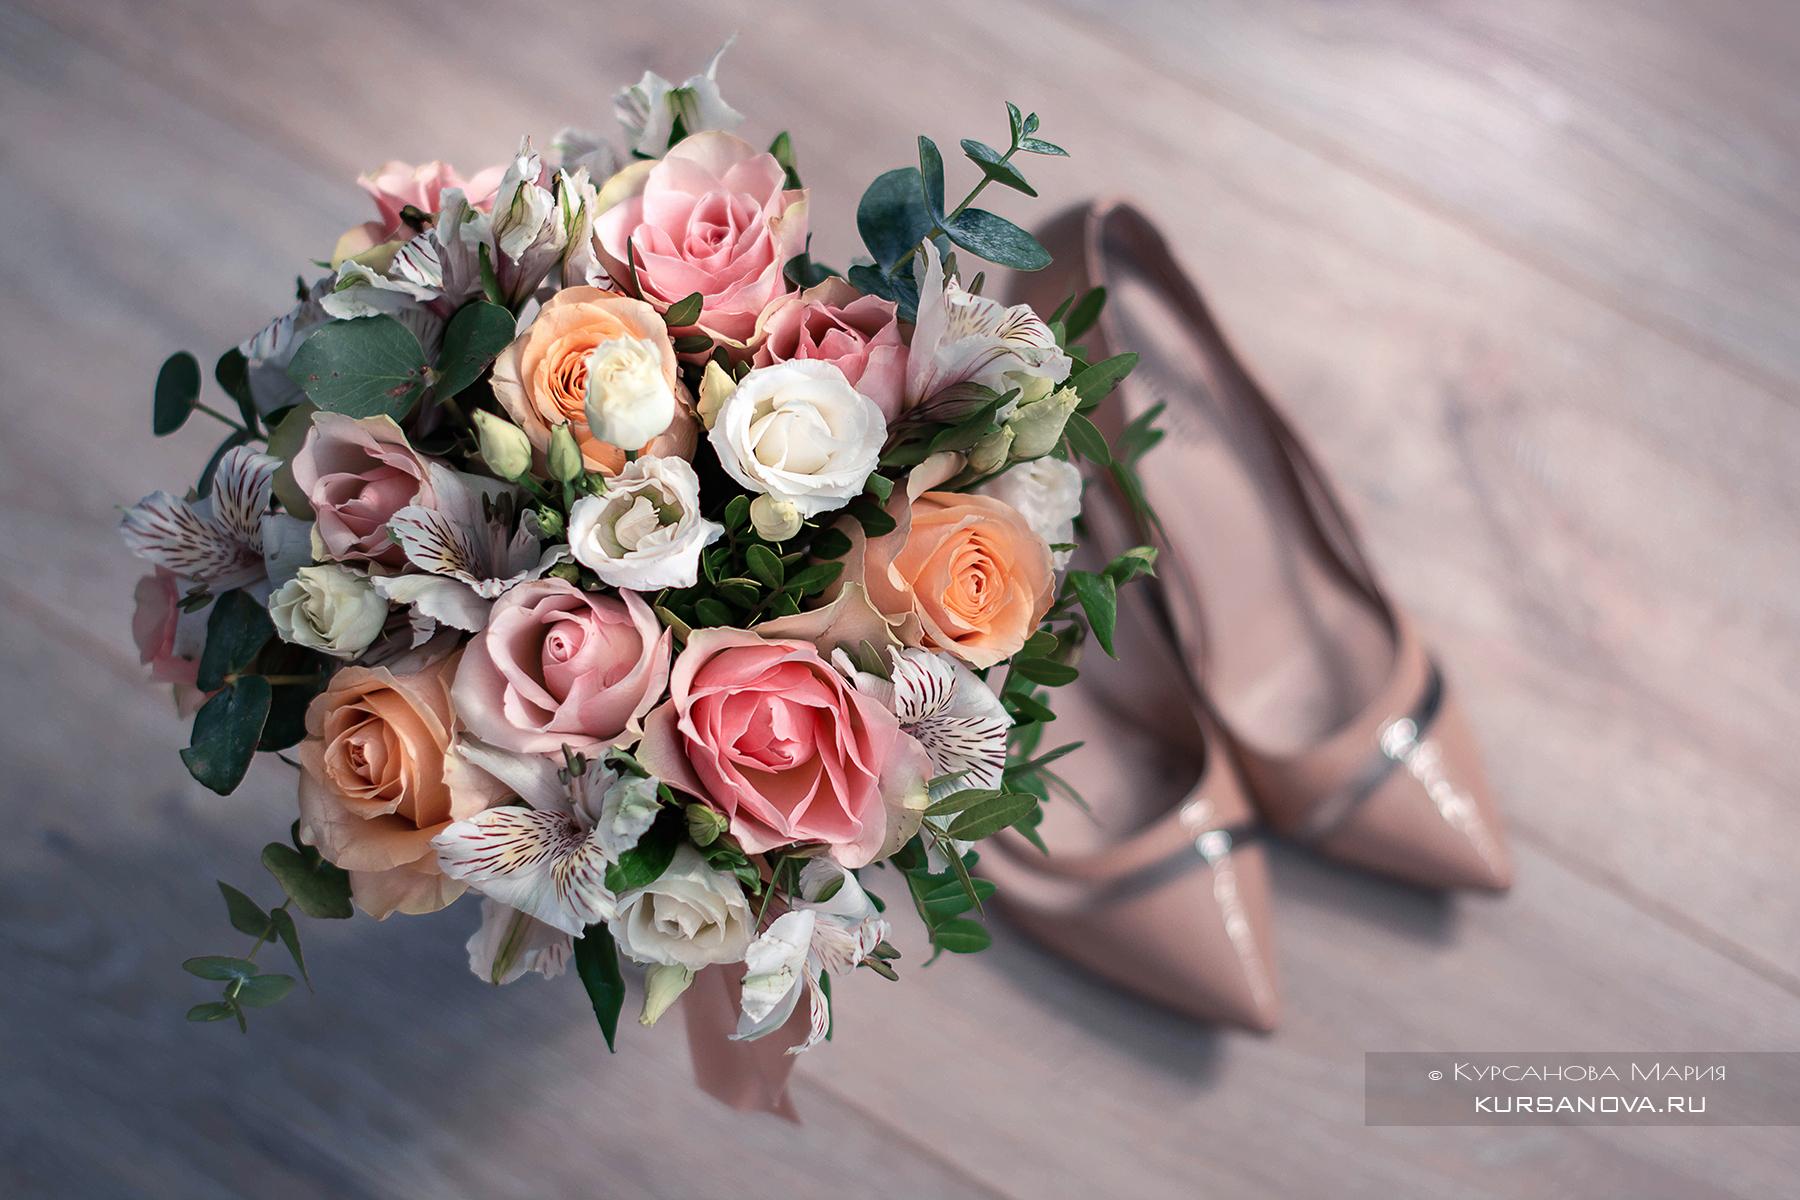 Съемка для визажиста, образ невесты